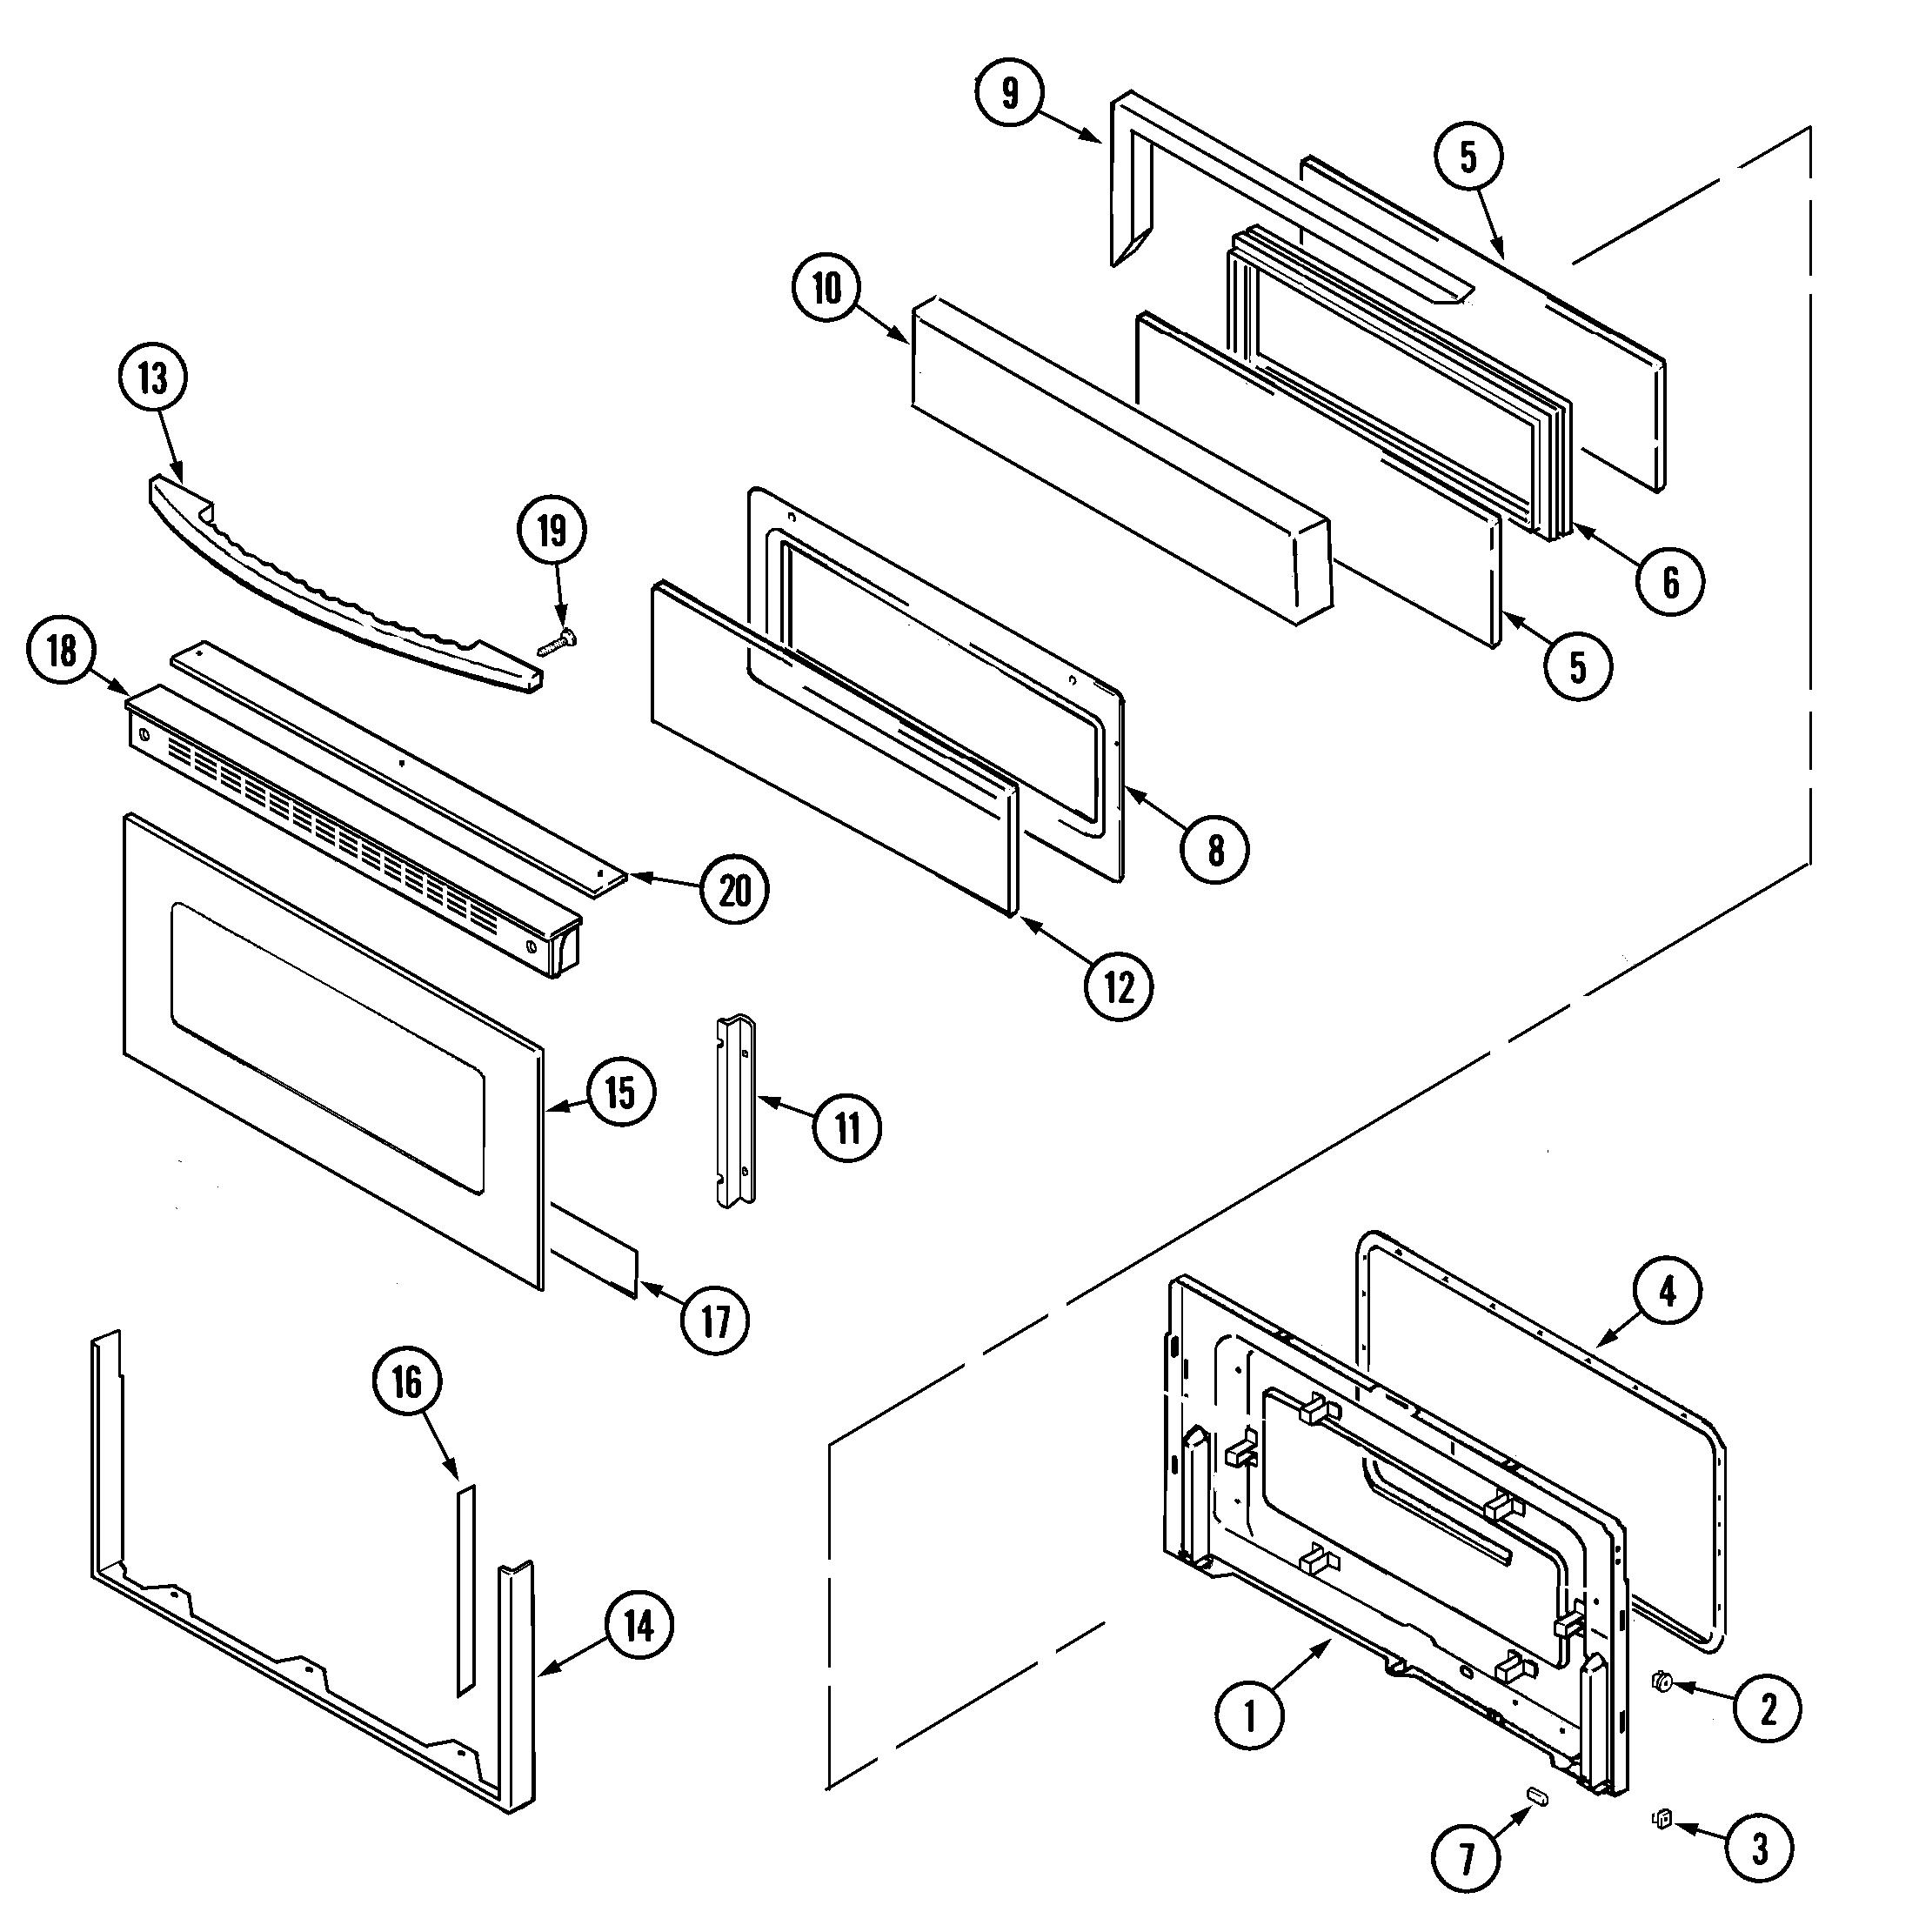 kenworth w900 heater control diagram: maytag mer6772baw range timer